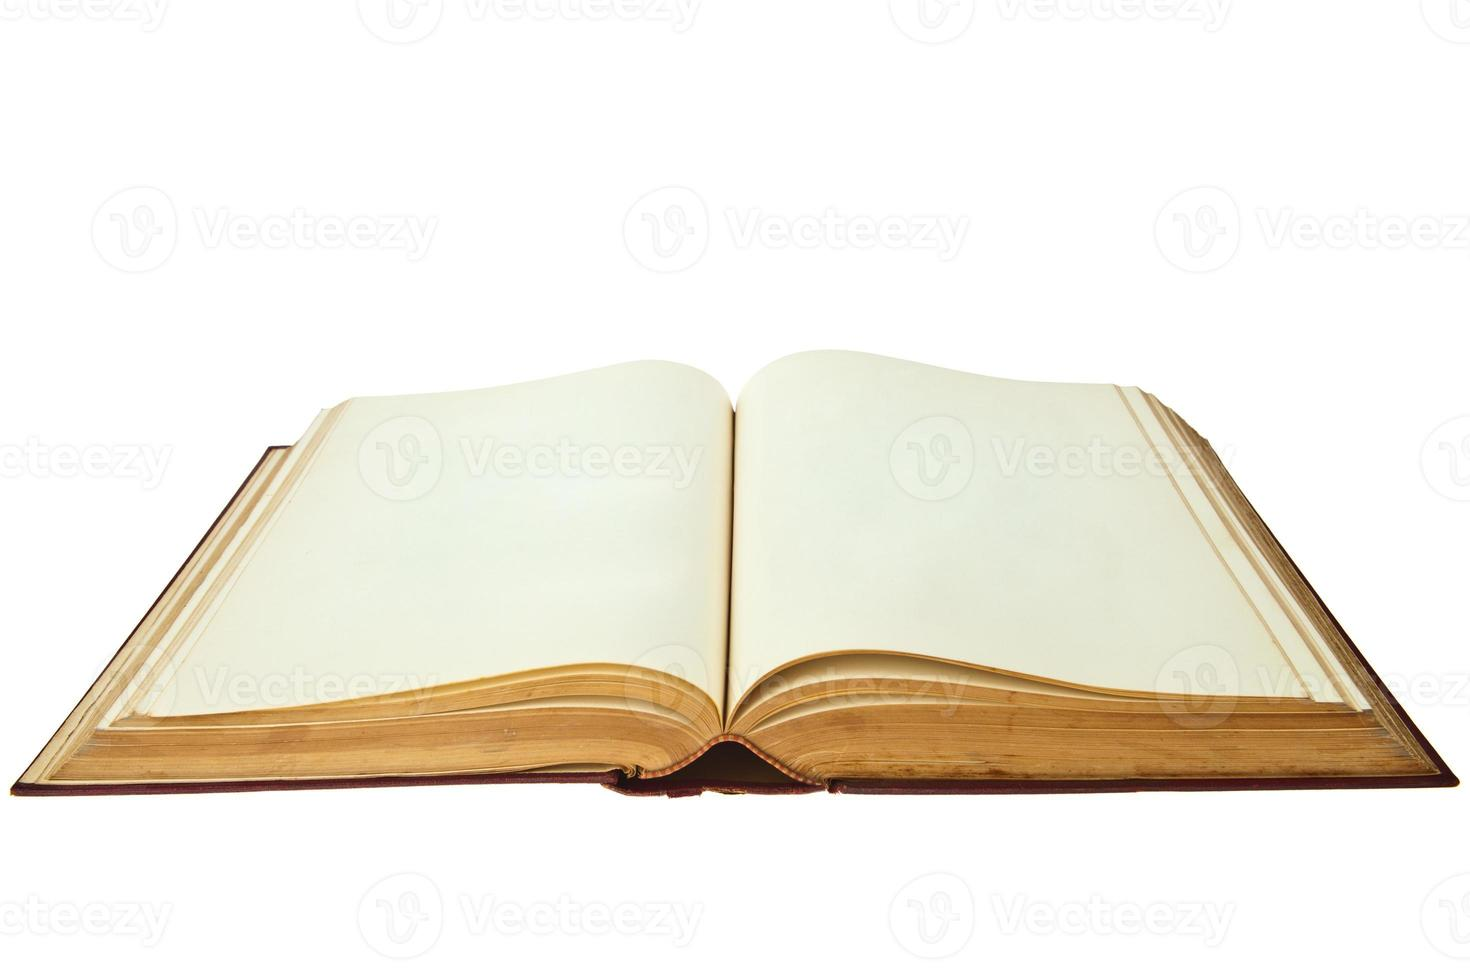 ha aperto il vecchio libro isolato su sfondo bianco foto